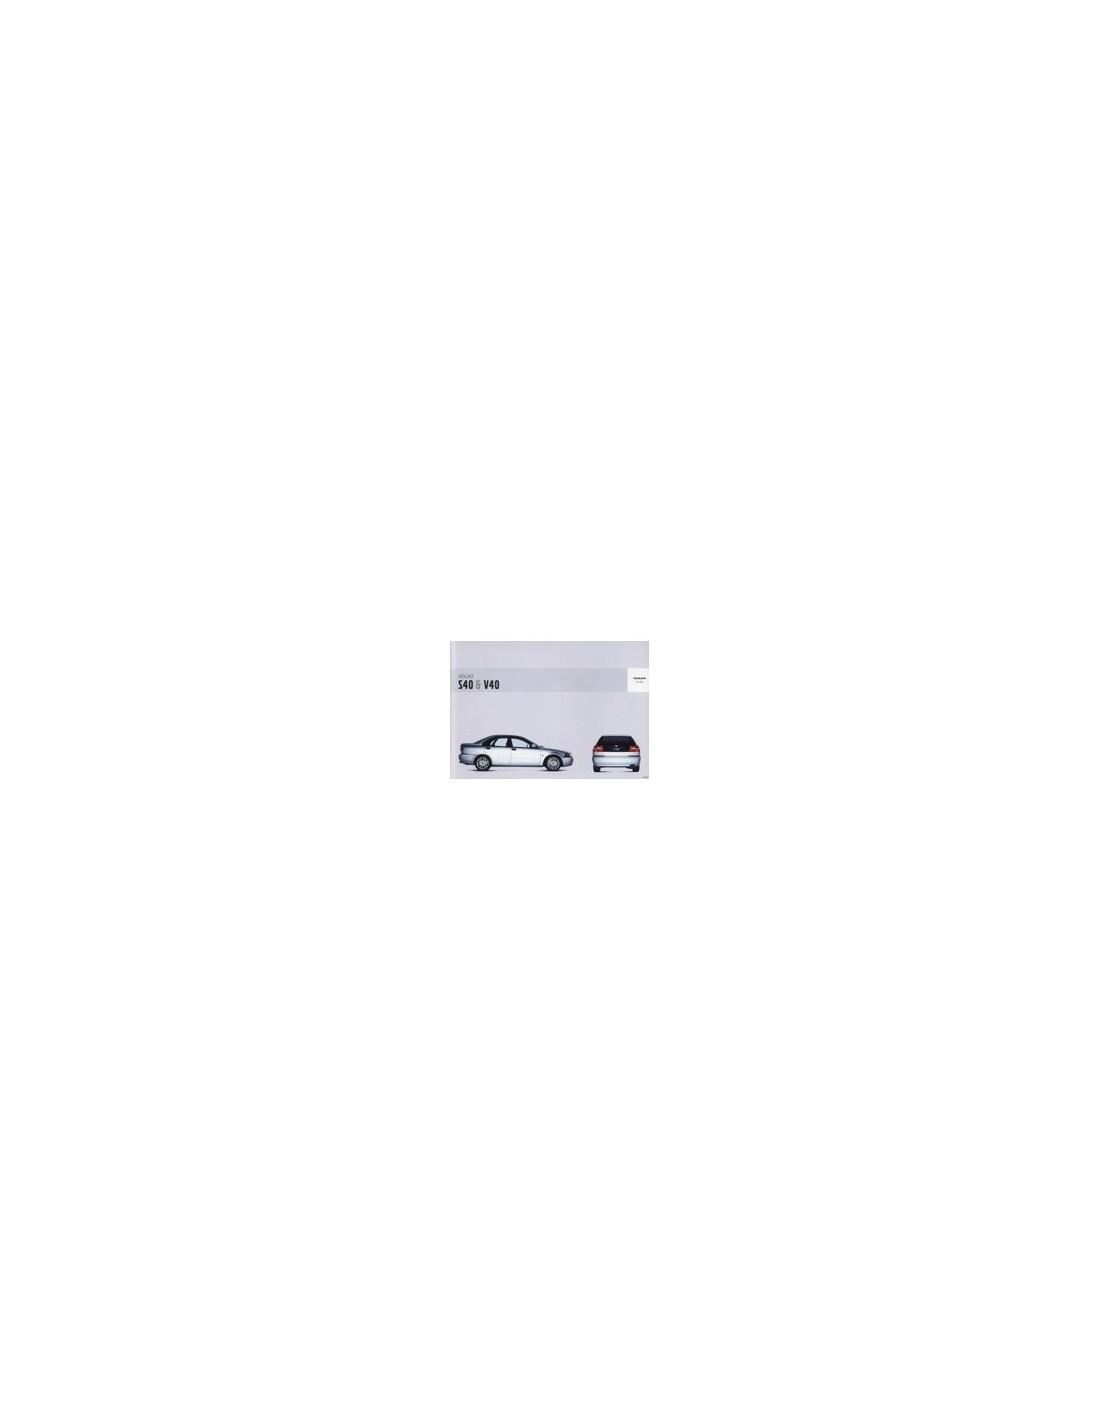 Interior Fuse Box Volvo V40 : Service manual volvo v brake fuse